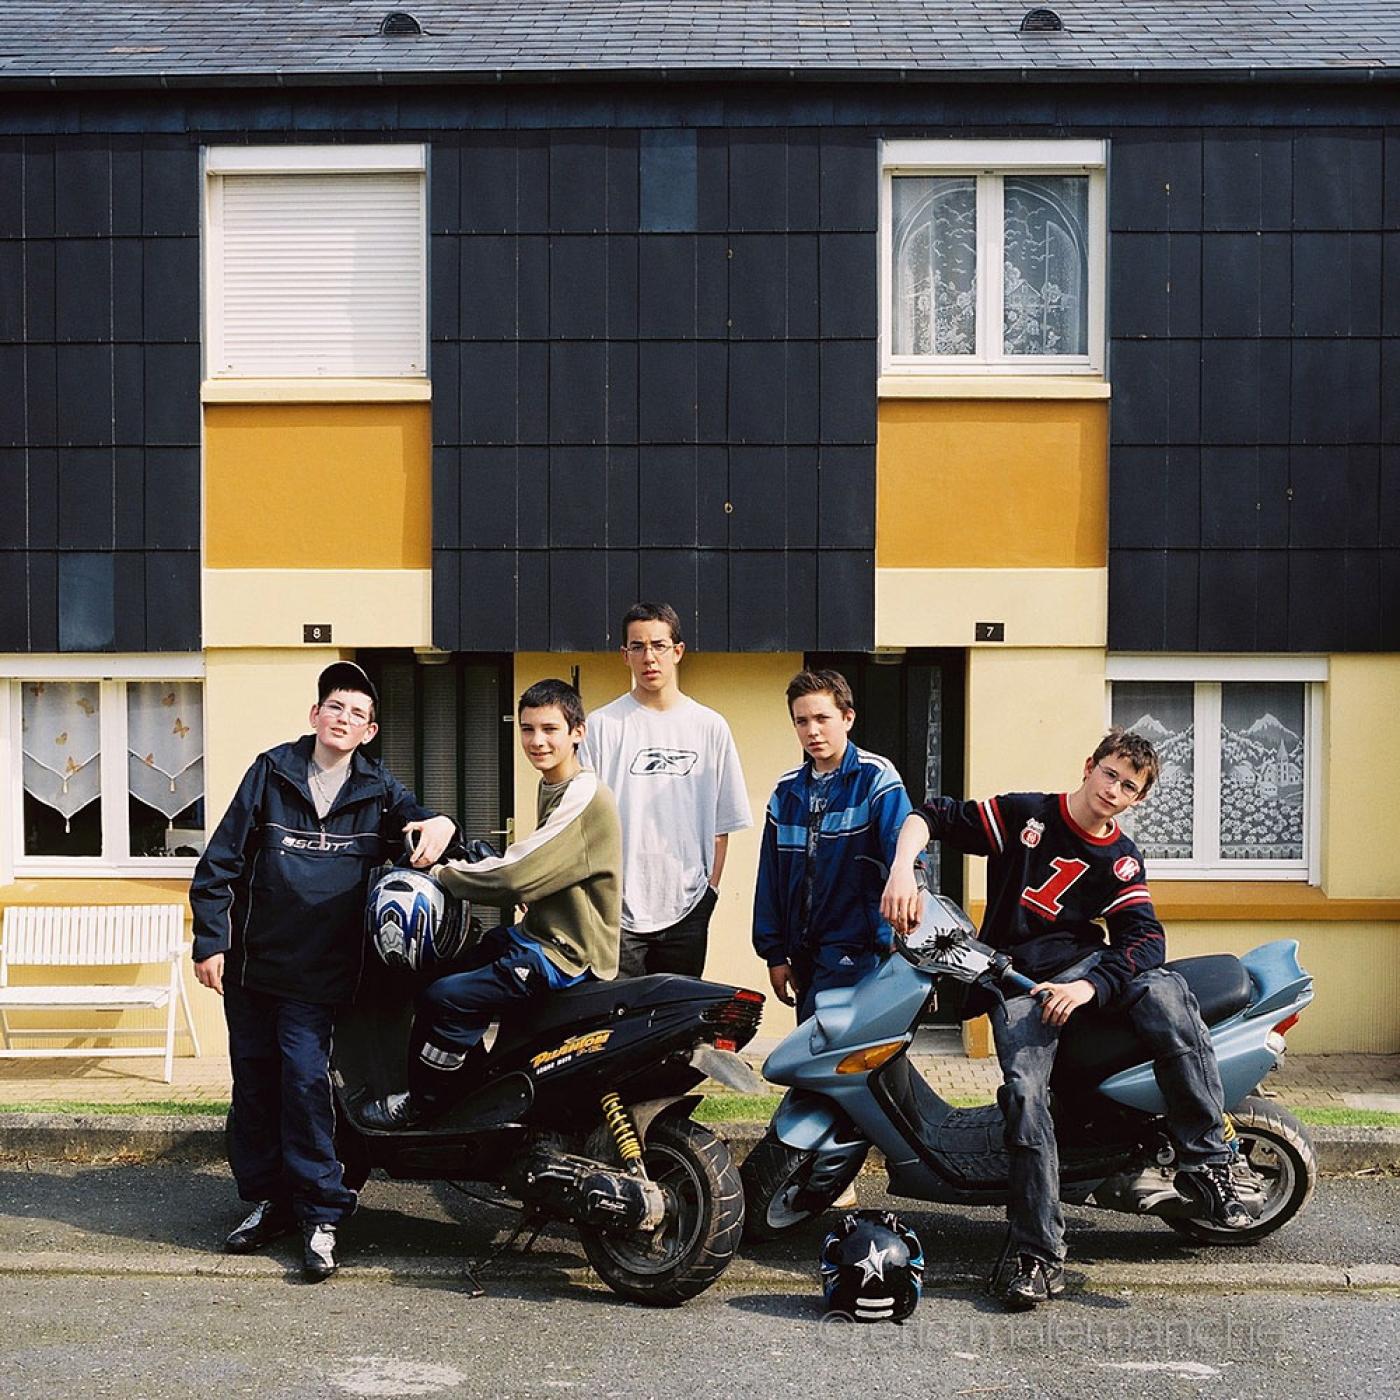 https://www.ericmalemanche.com/imagess/topics/les-bretons-de-l-argoat/liste/portraits-jeunes-bretons.jpg